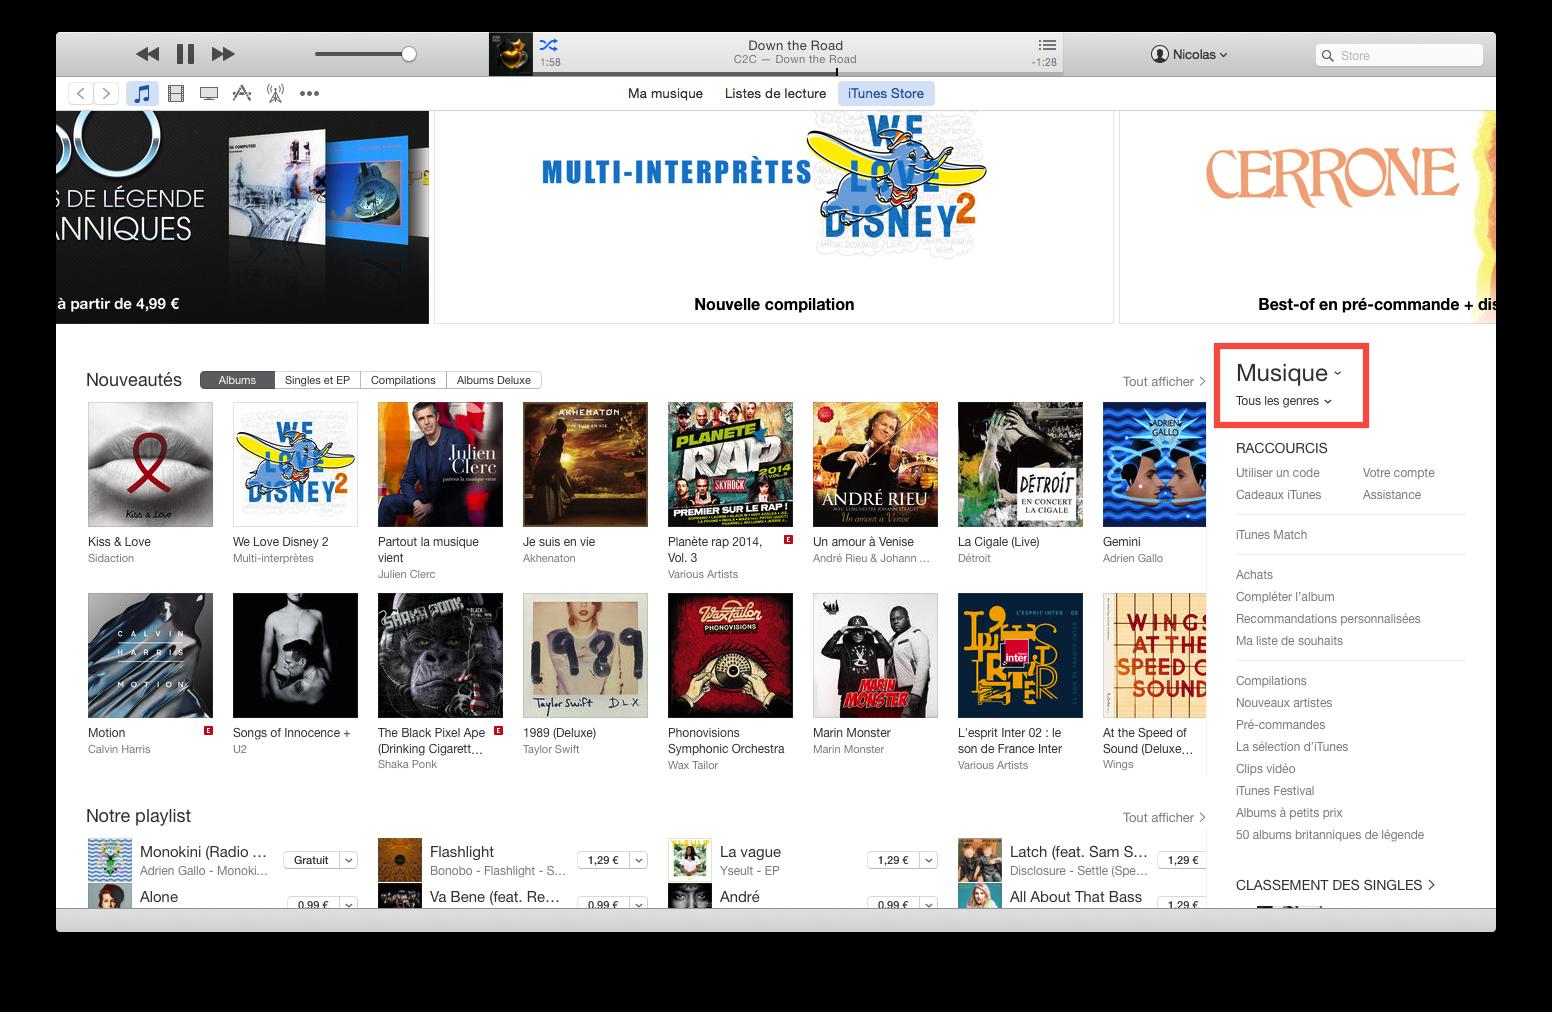 Accéder aux différentes catégories de l'iTunes Store